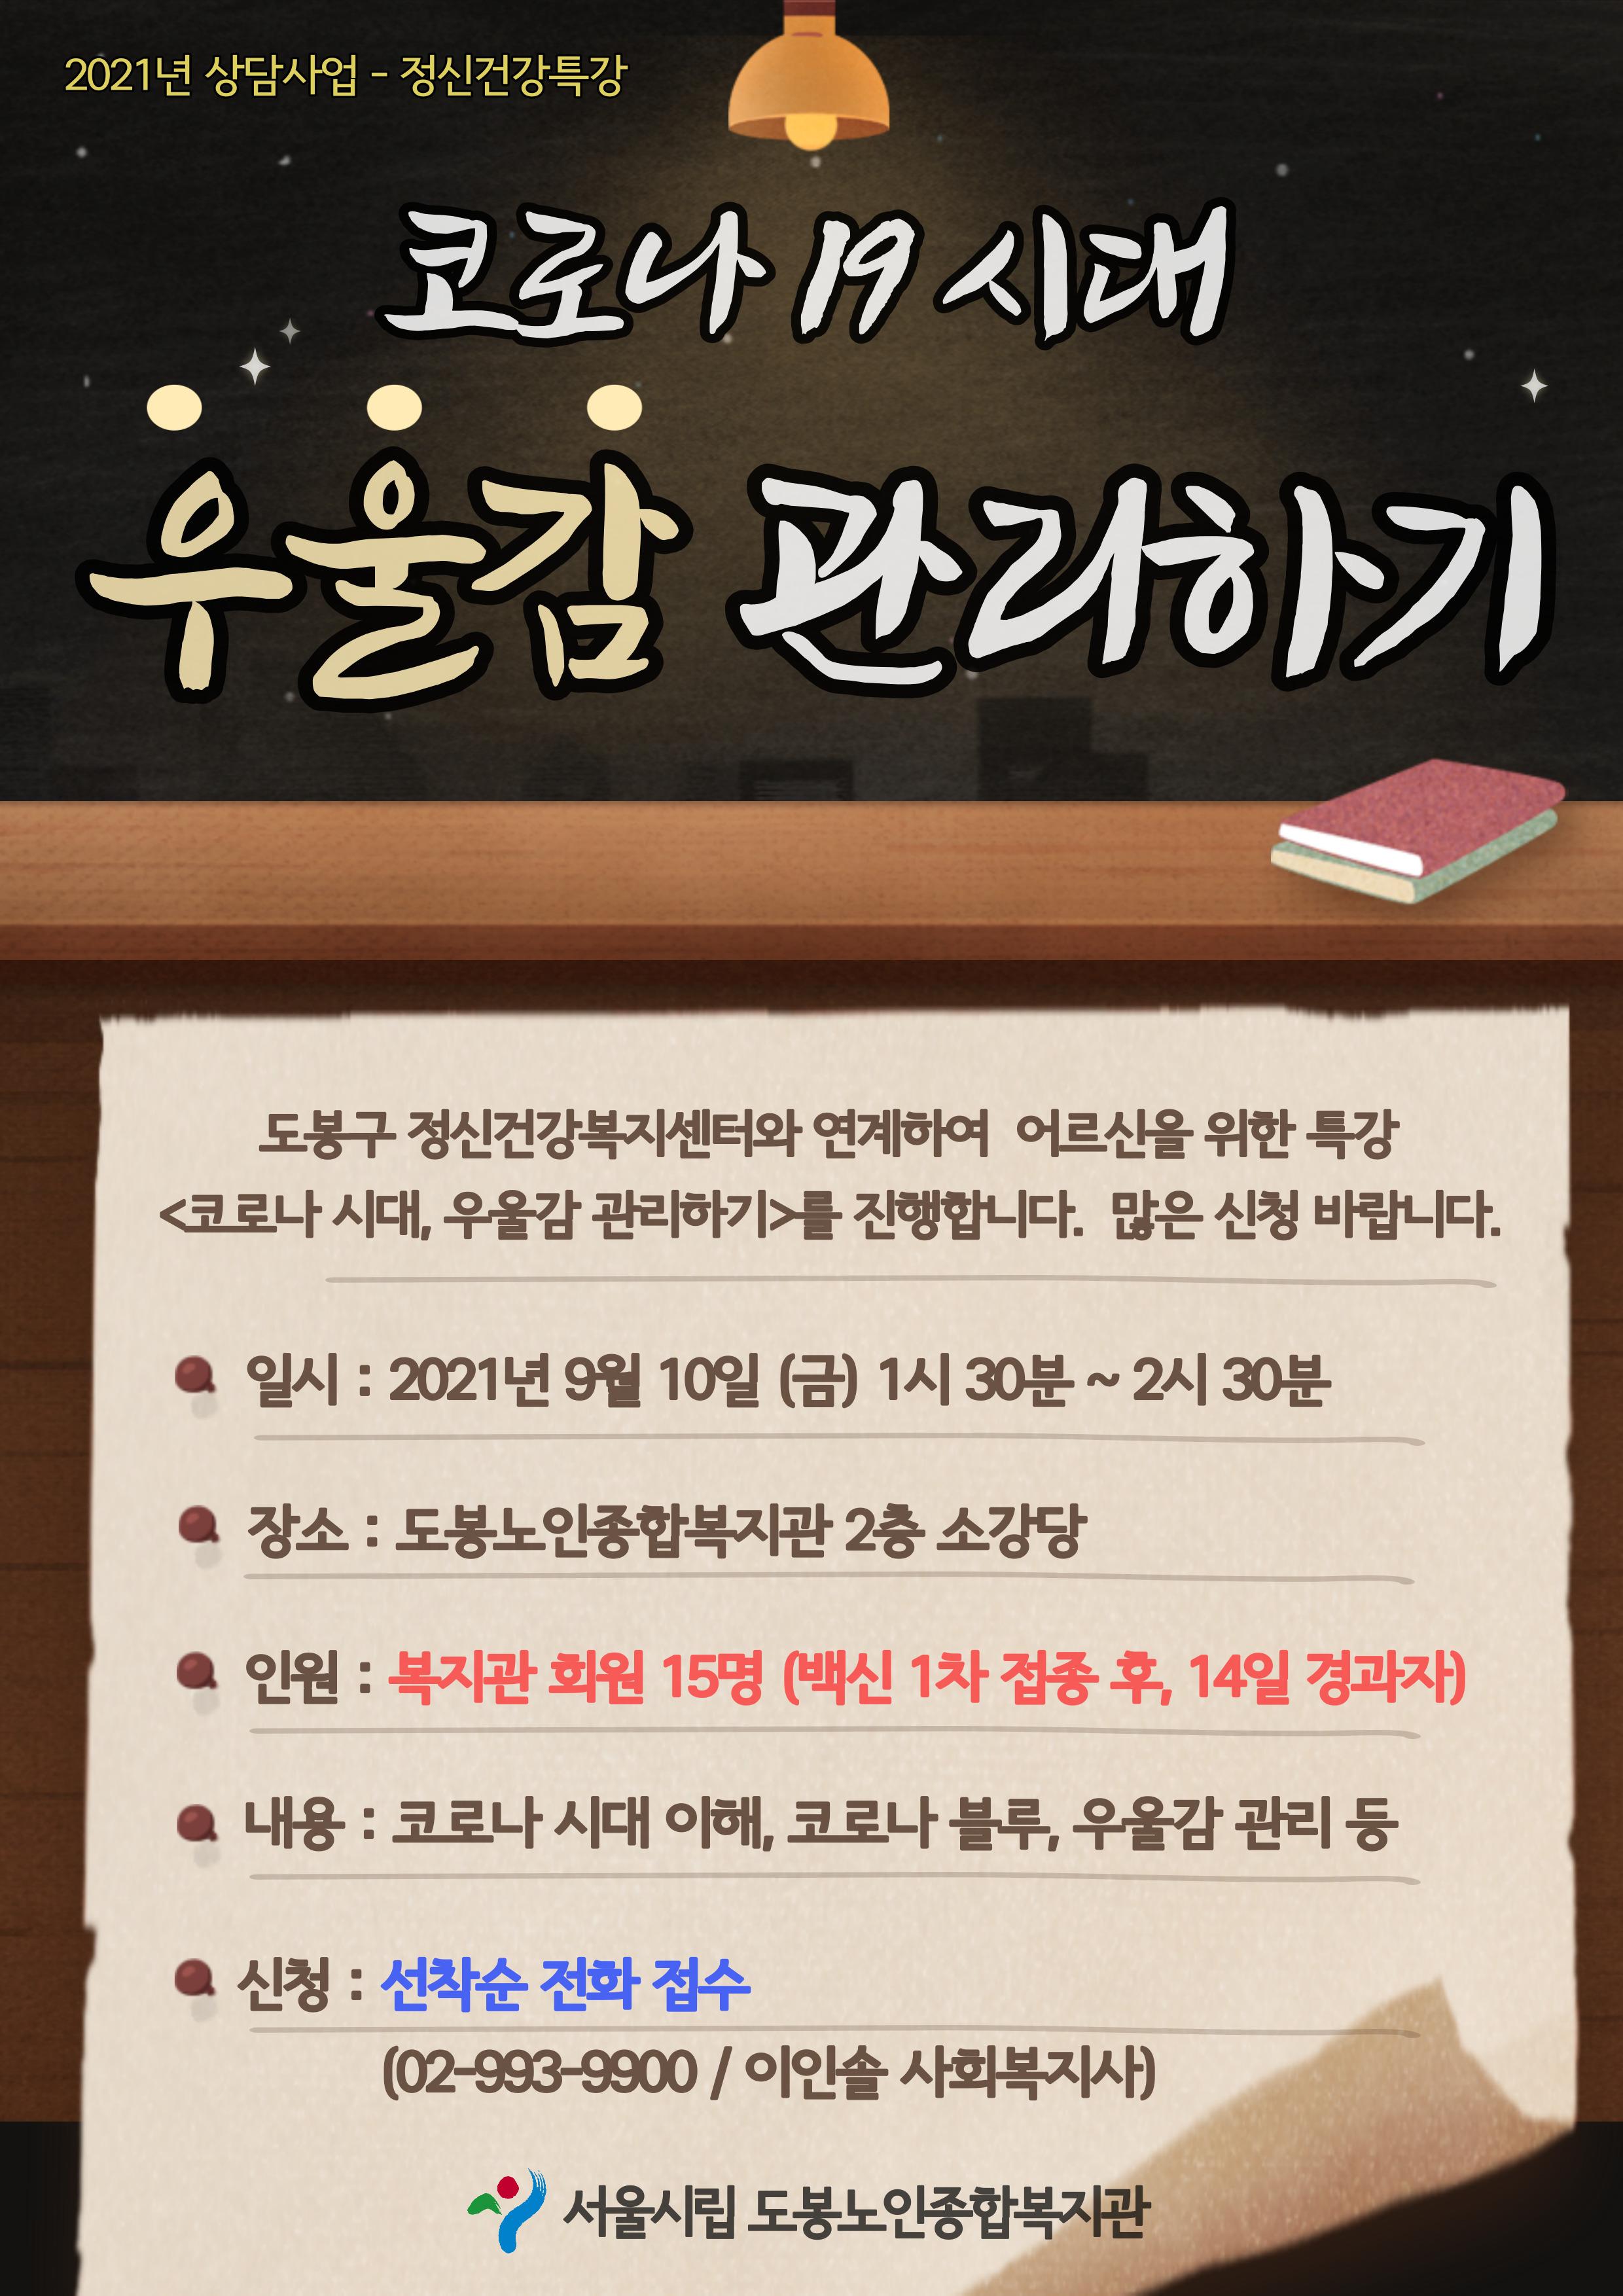 정신건강특강 - 코로나시대 우울감 관리하기(수정).jpg